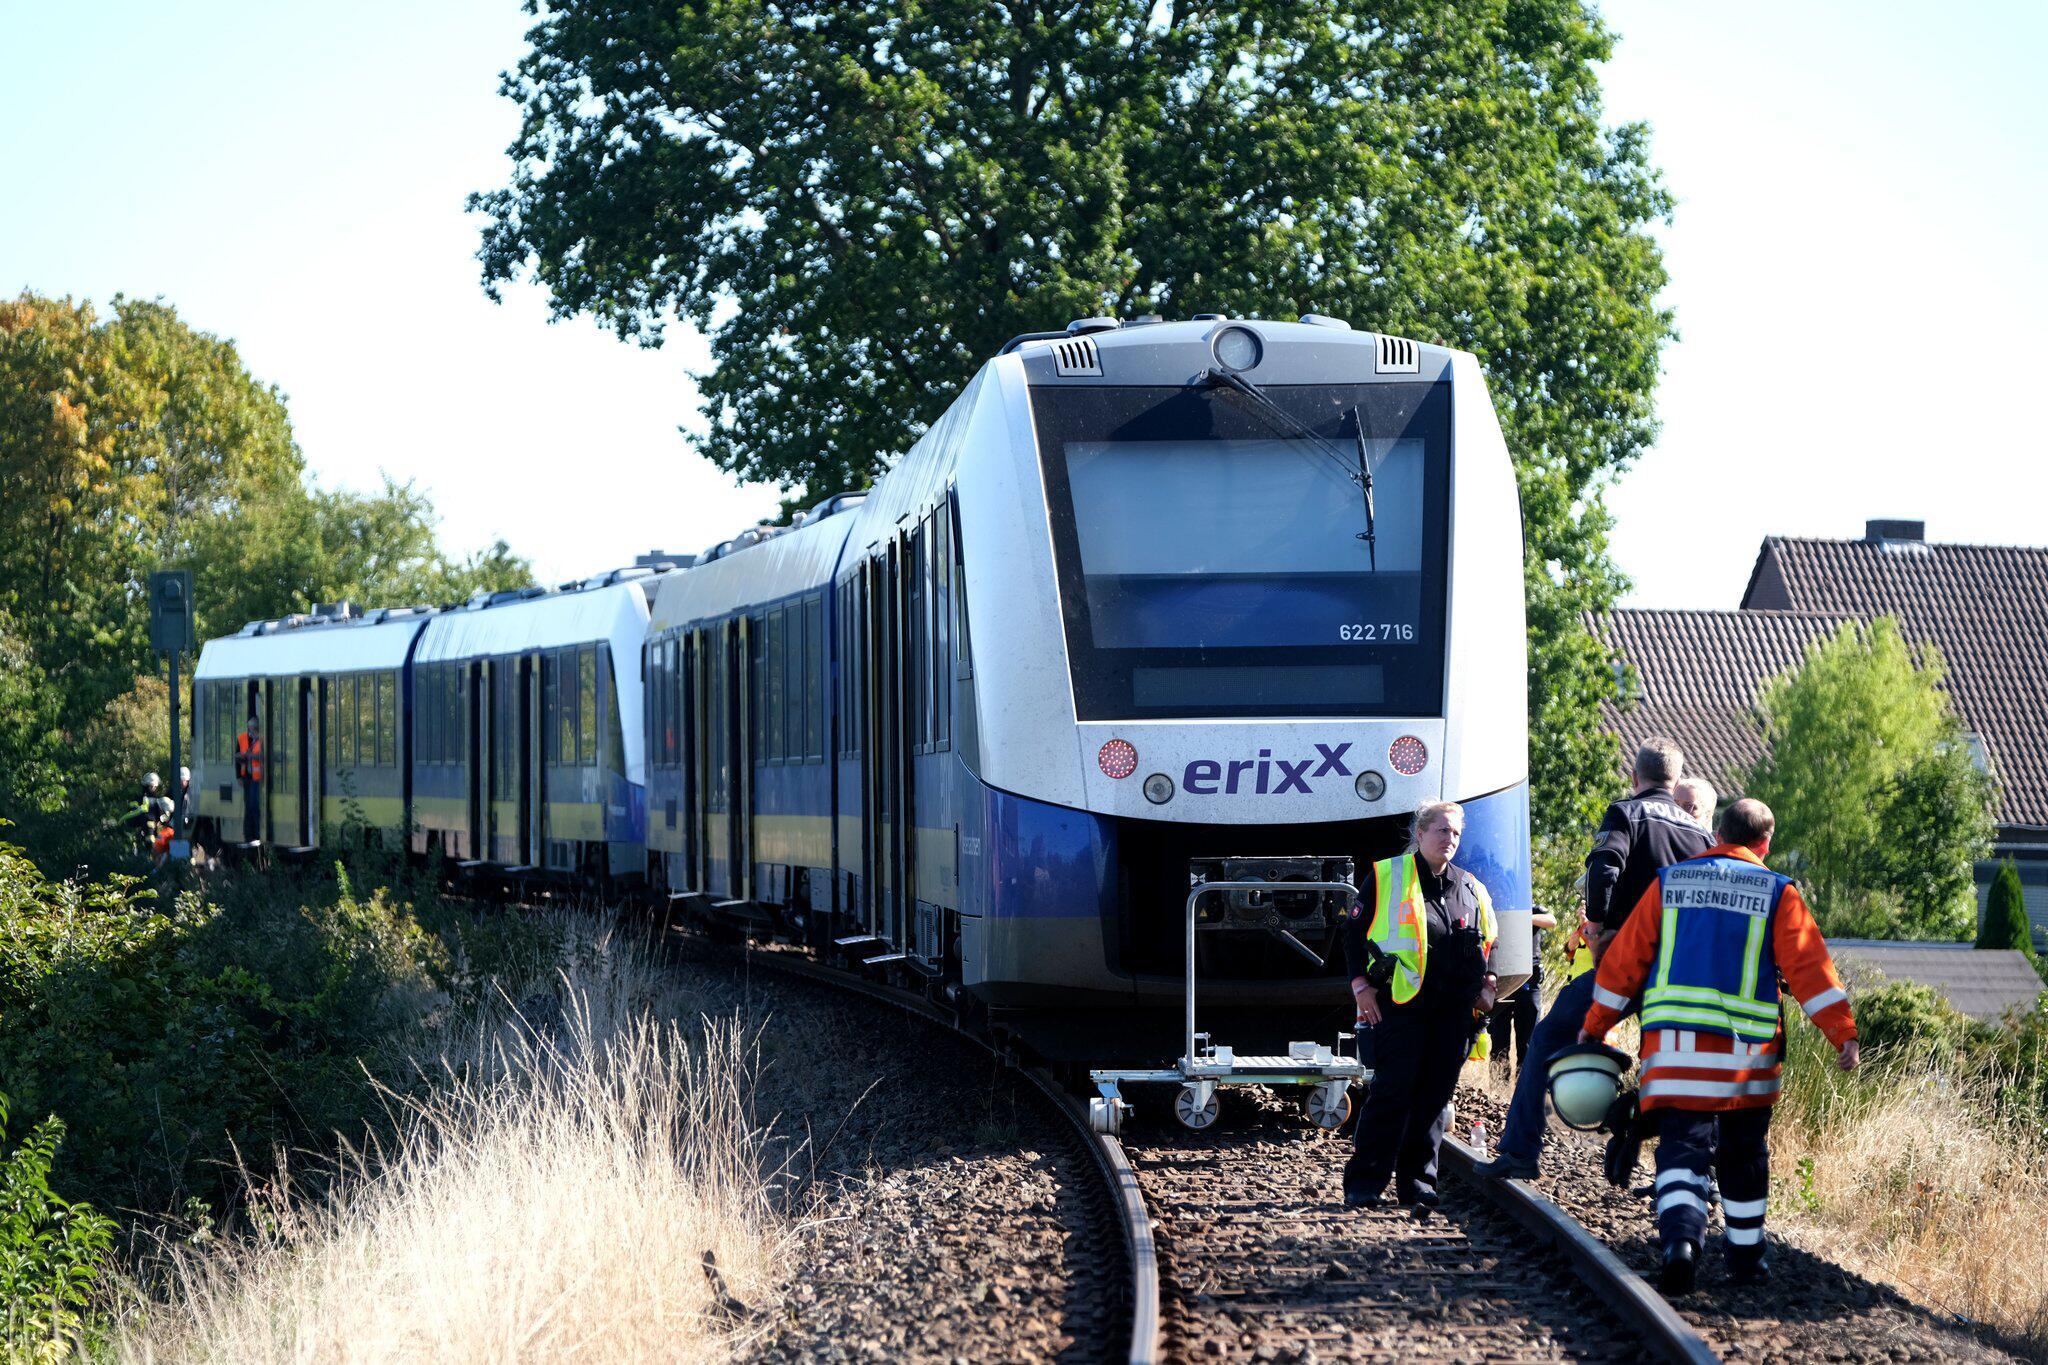 Bild zu Zug rammt Auto an unbeschrankten Bahnübergang.